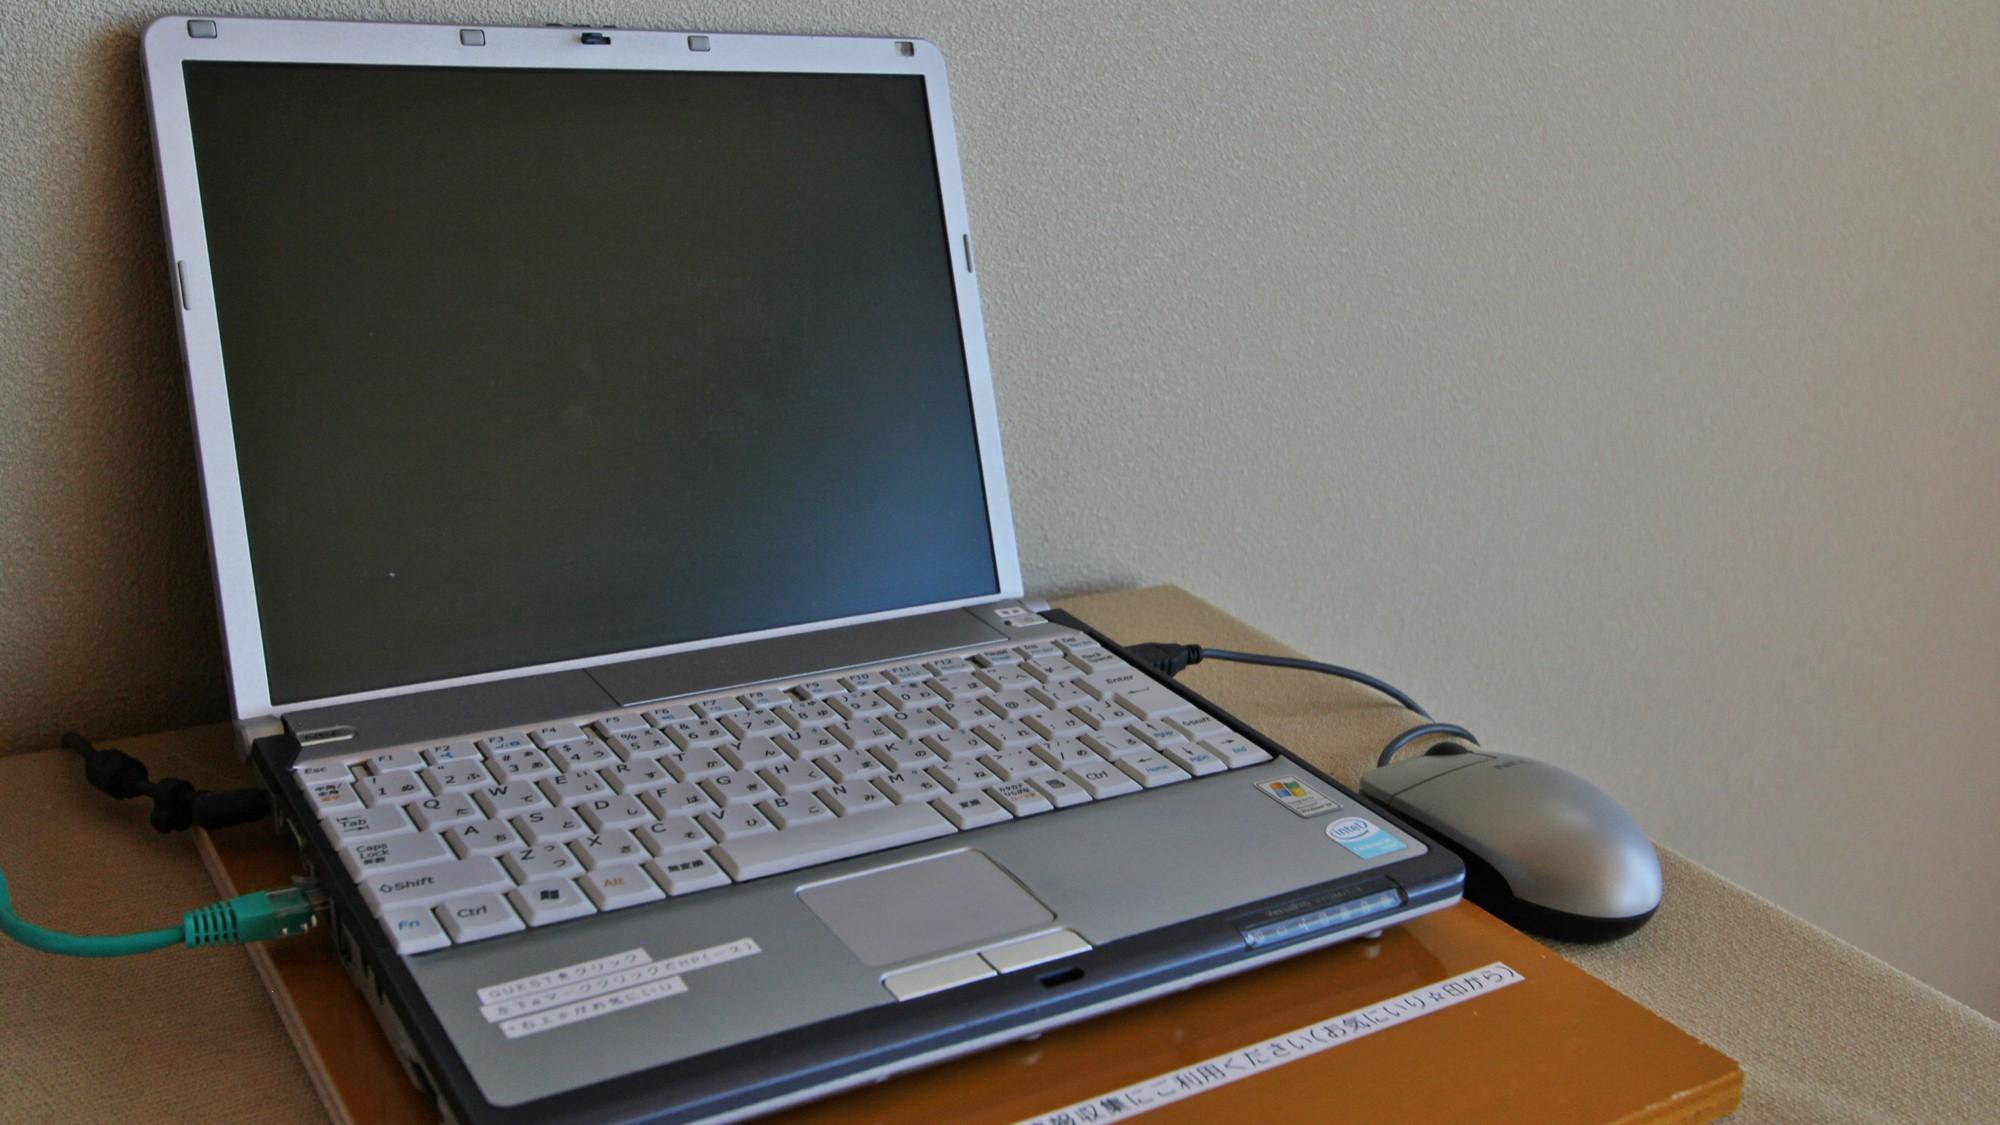 ■【館内設備】ロビーにて自由にご利用頂けるパソコンをご用意しております